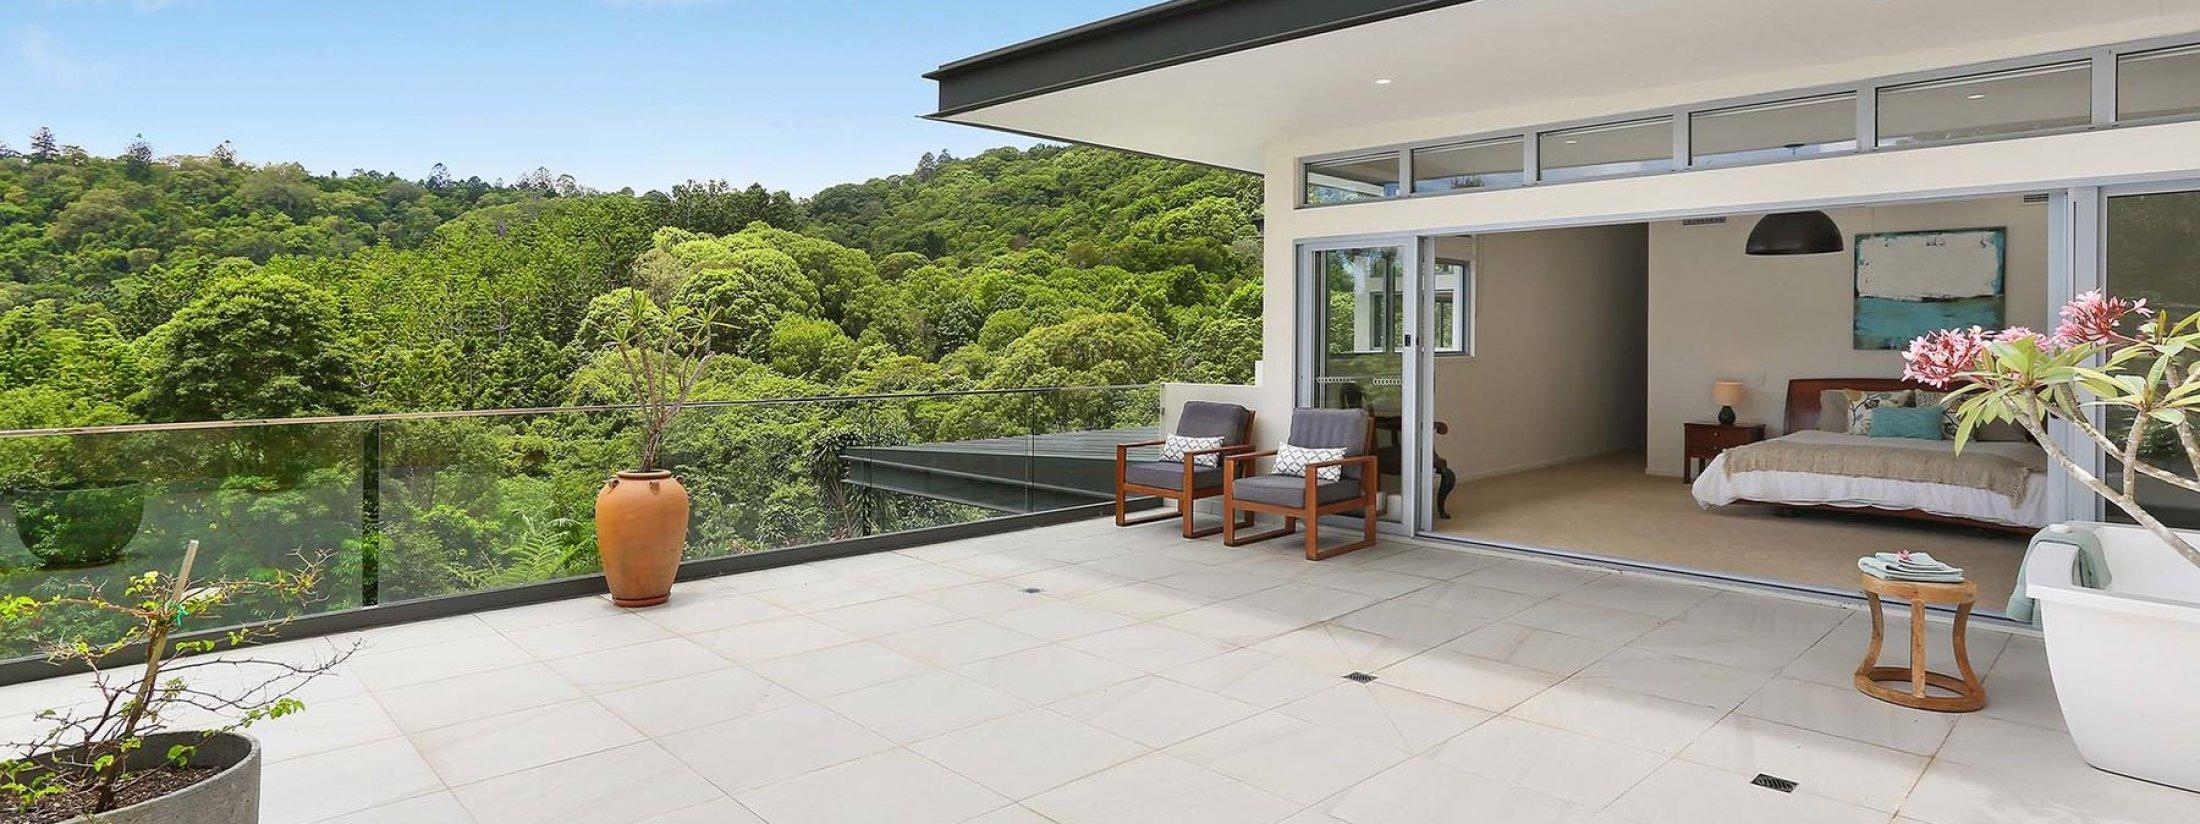 Currumbin Heights - Currumbin - Master Bedroom and Private Balcony